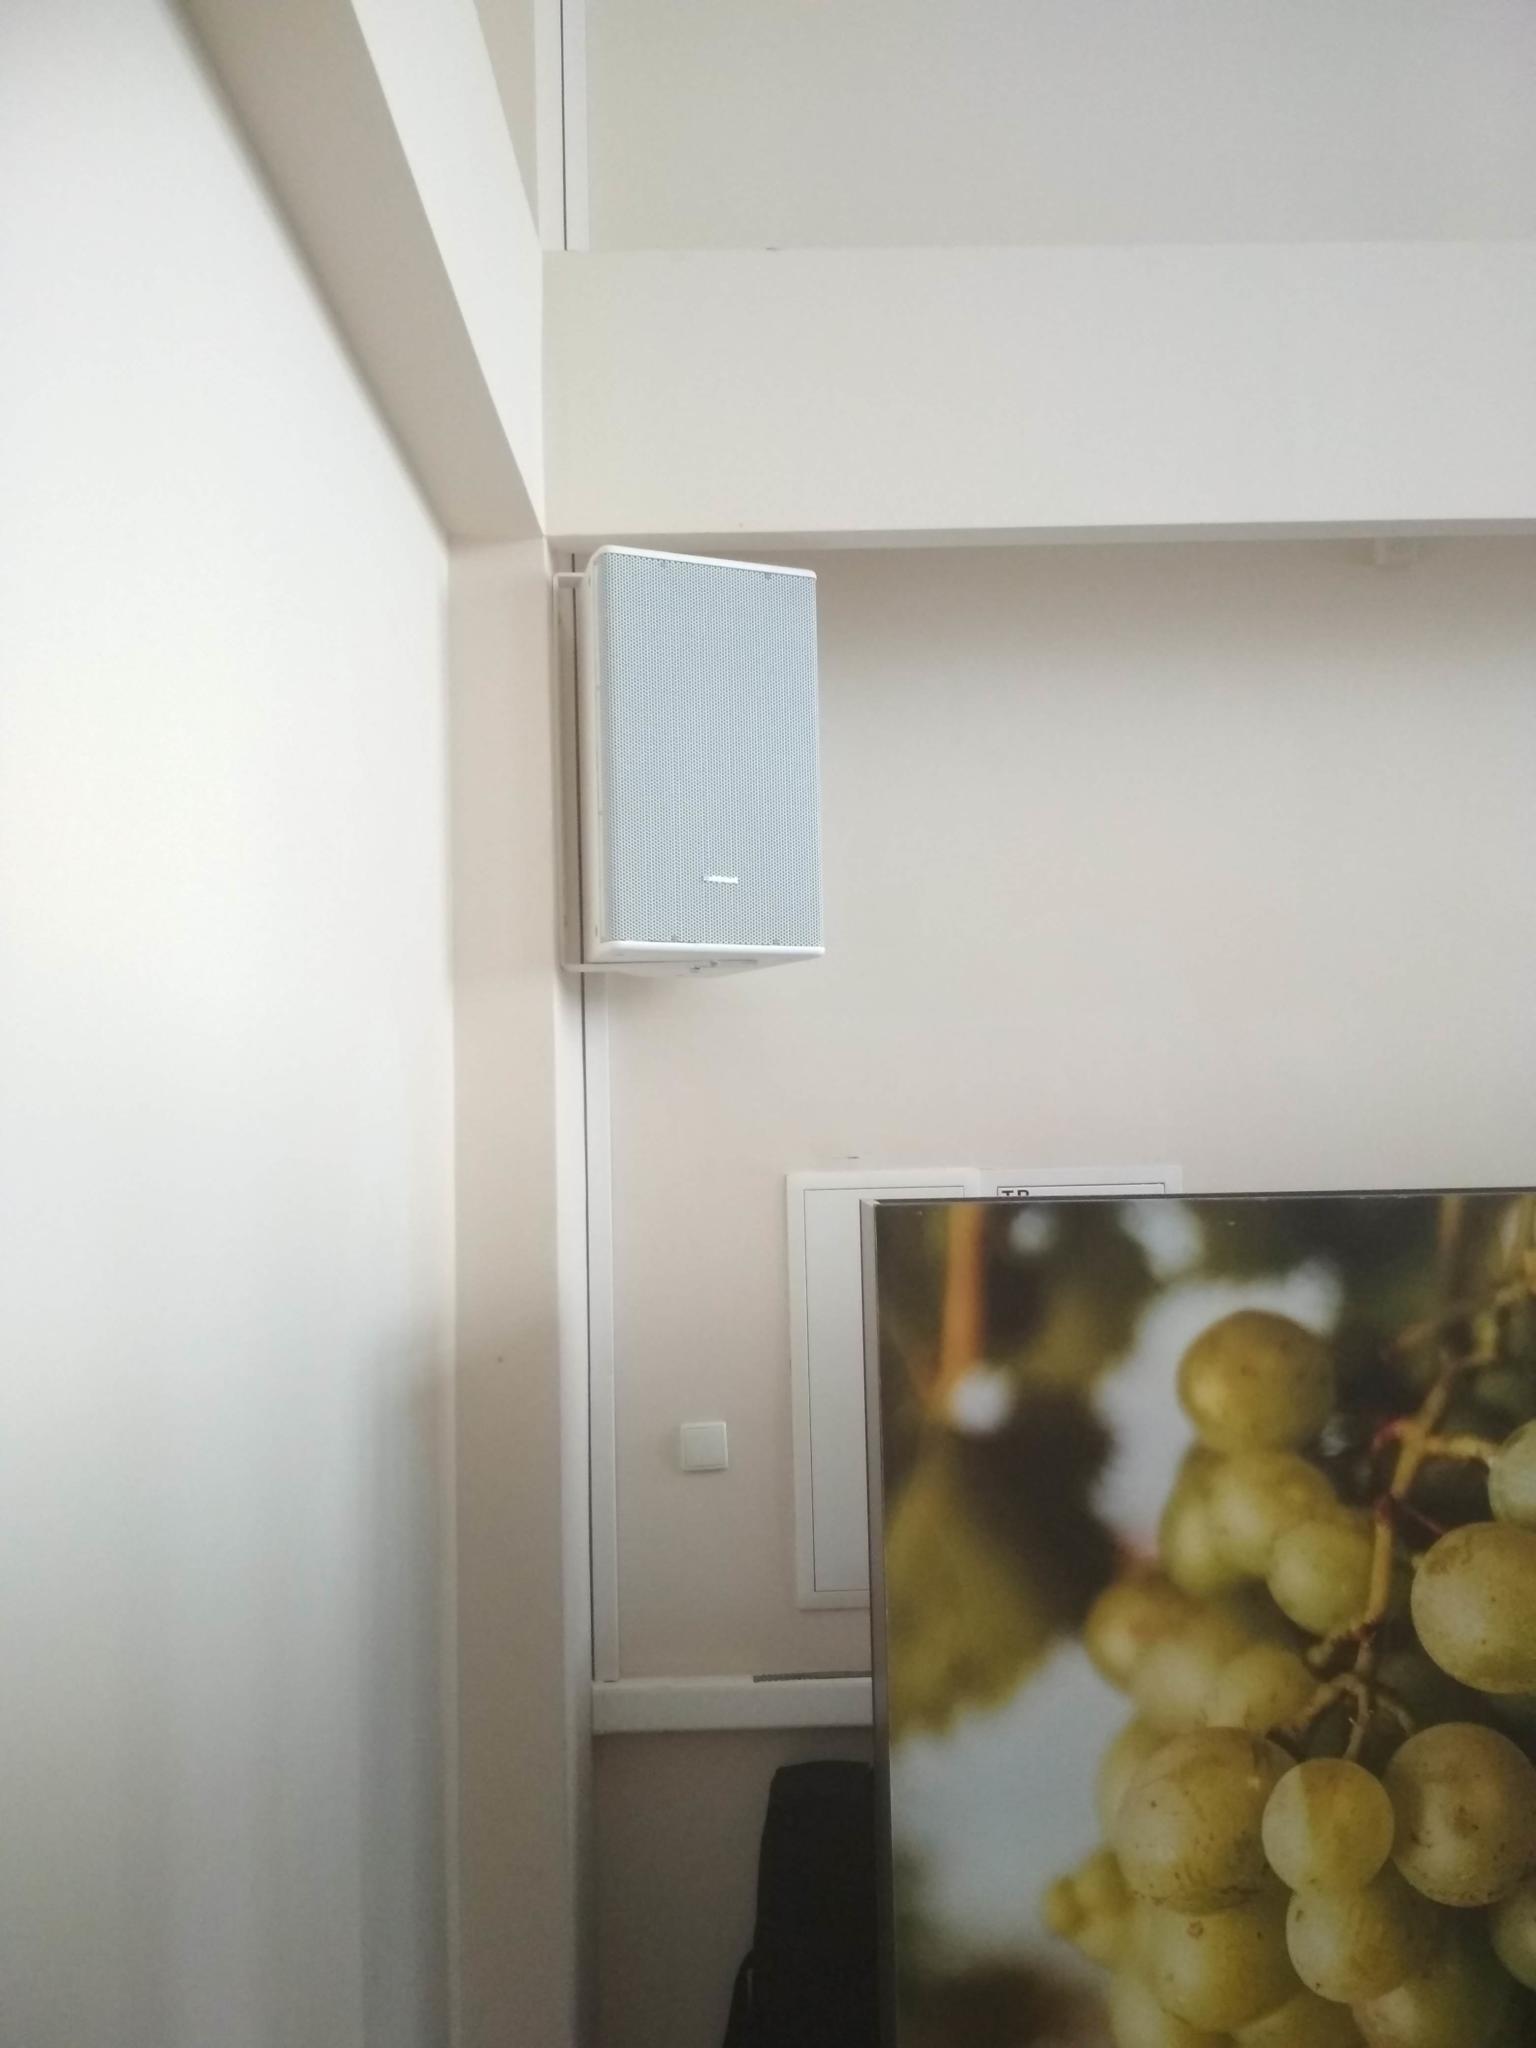 instalacja AV w urzedzie